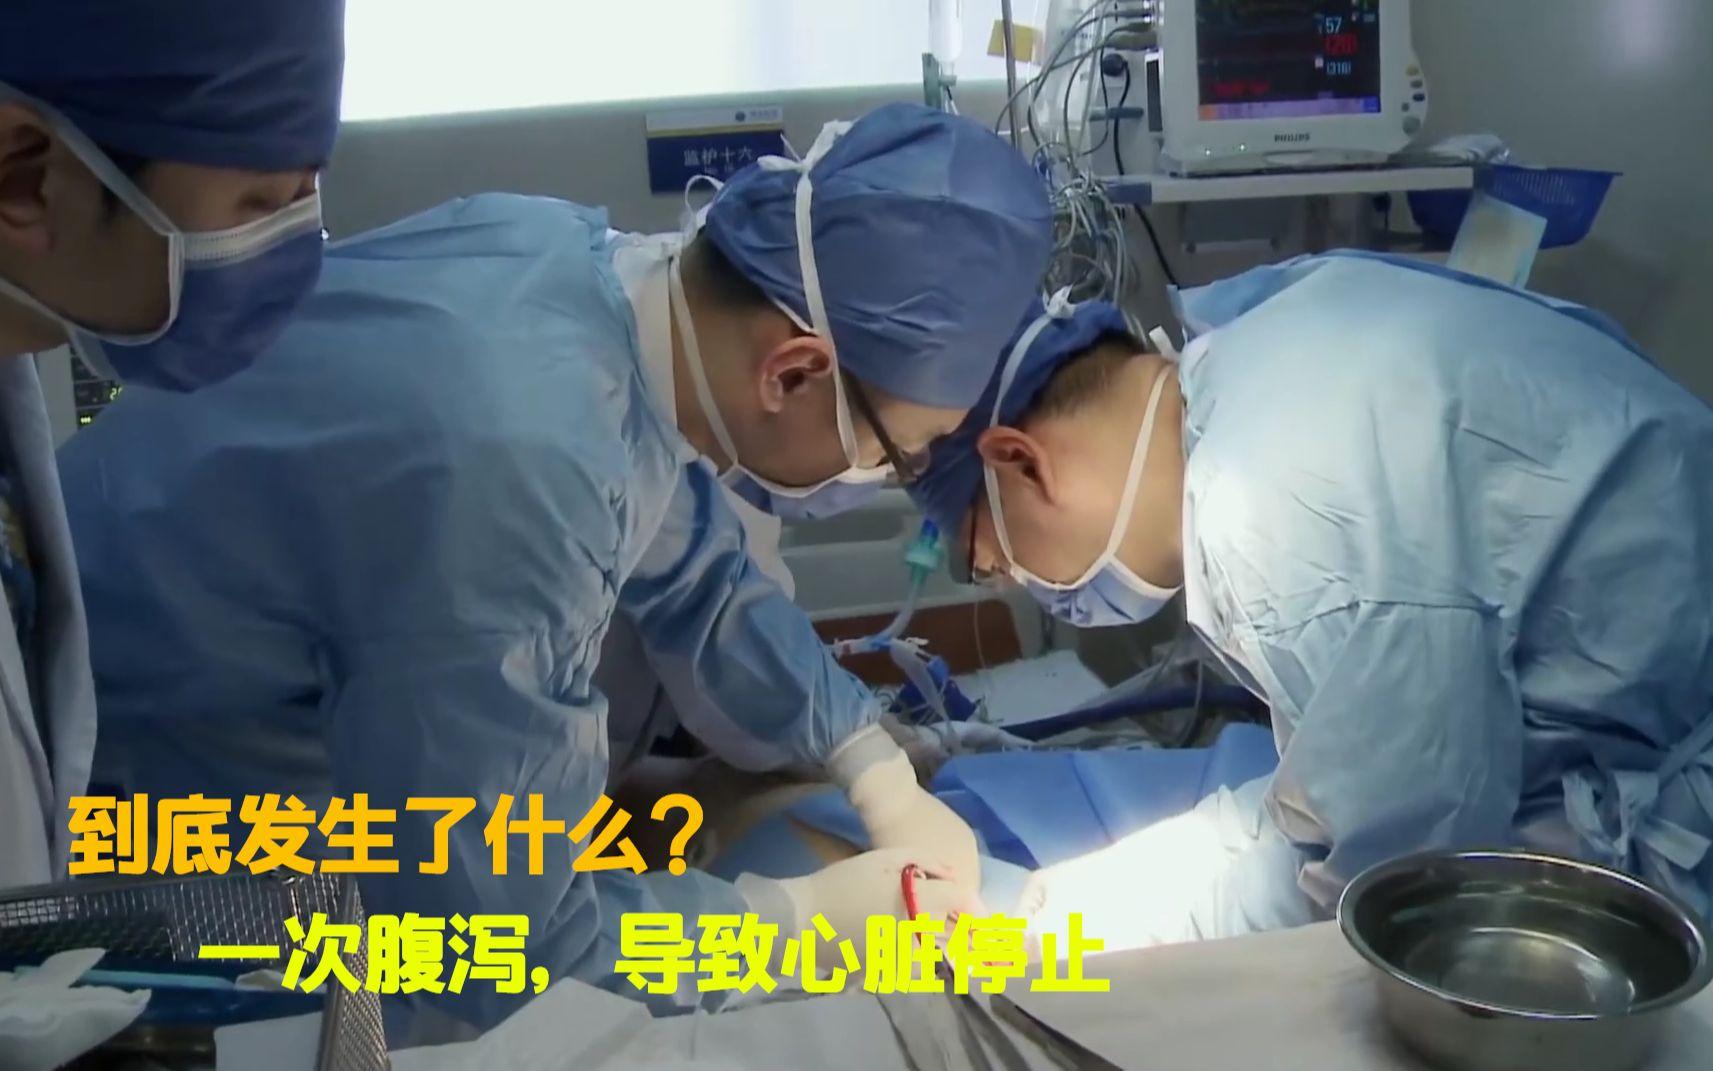 腹泻导致心脏停跳,最终丢掉性命,病人到底遭遇了什么?纪录片